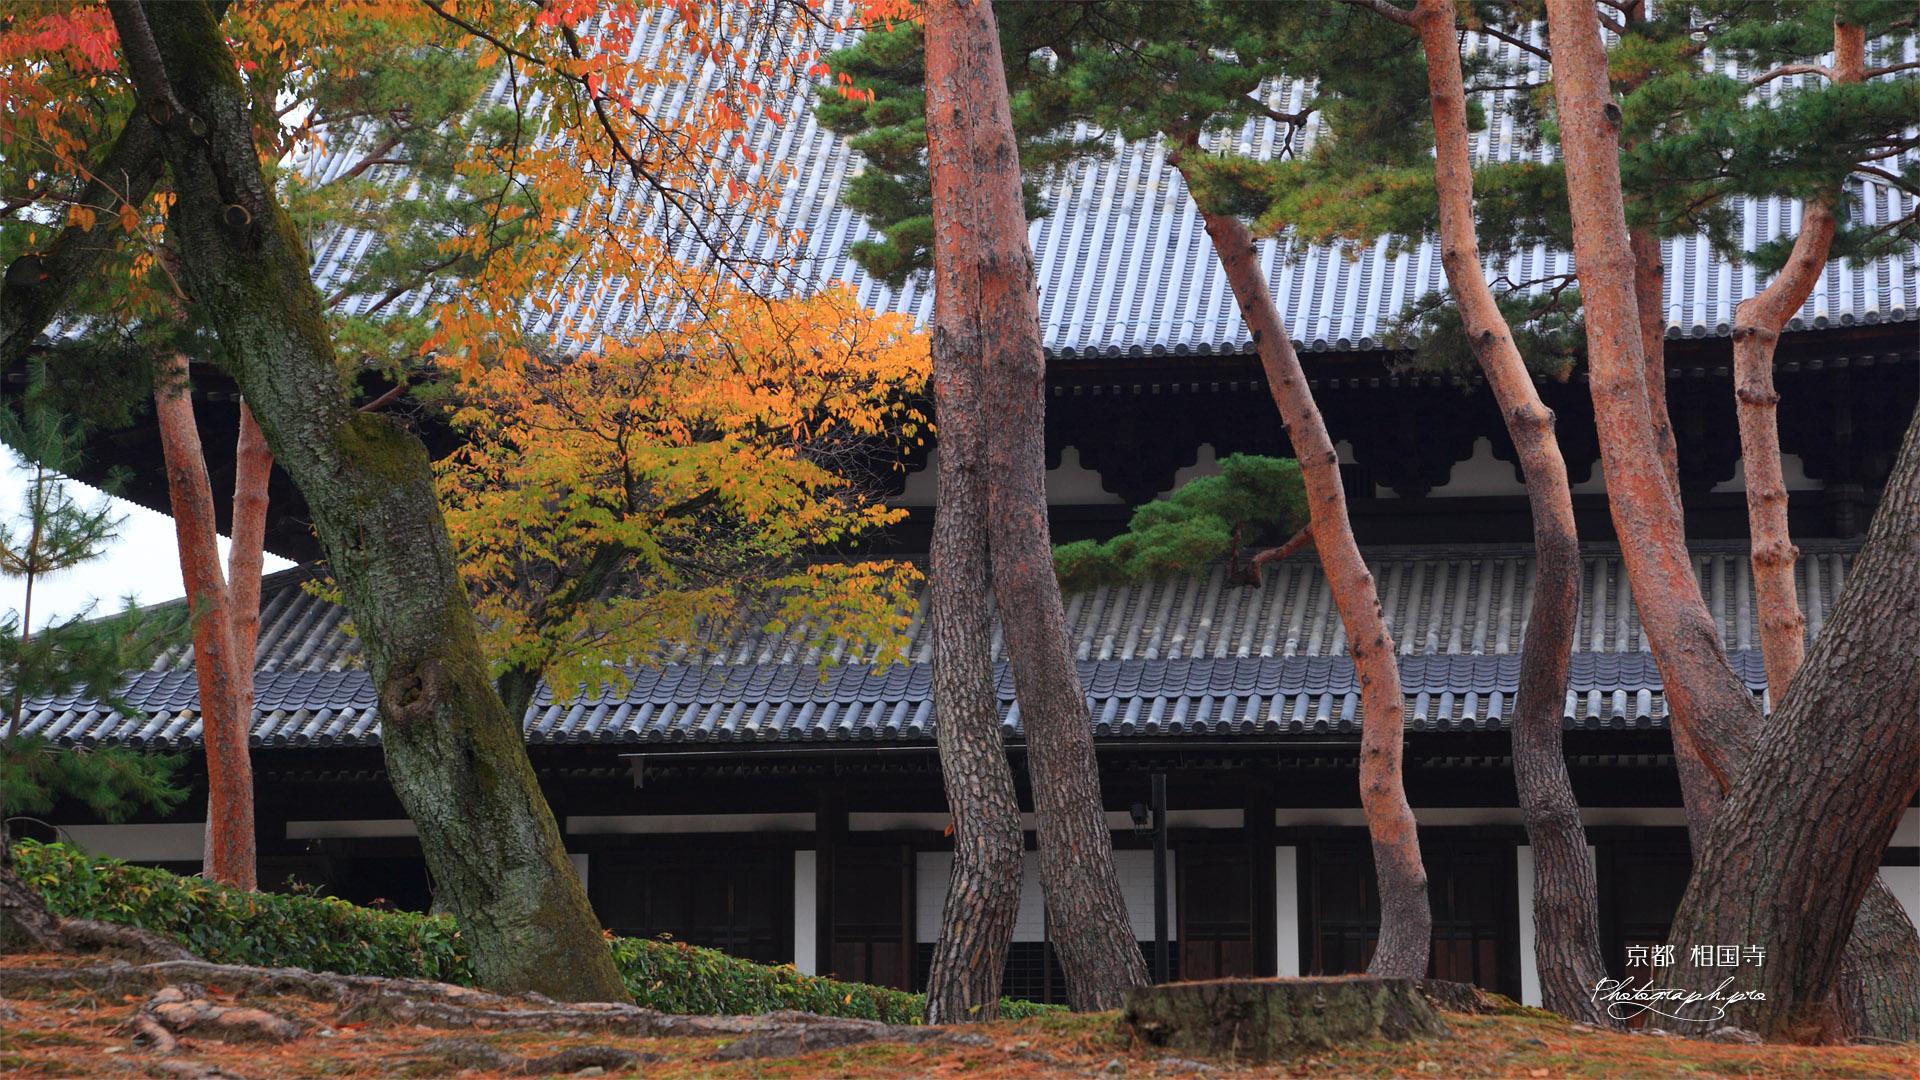 相国寺 赤松と紅葉に法堂